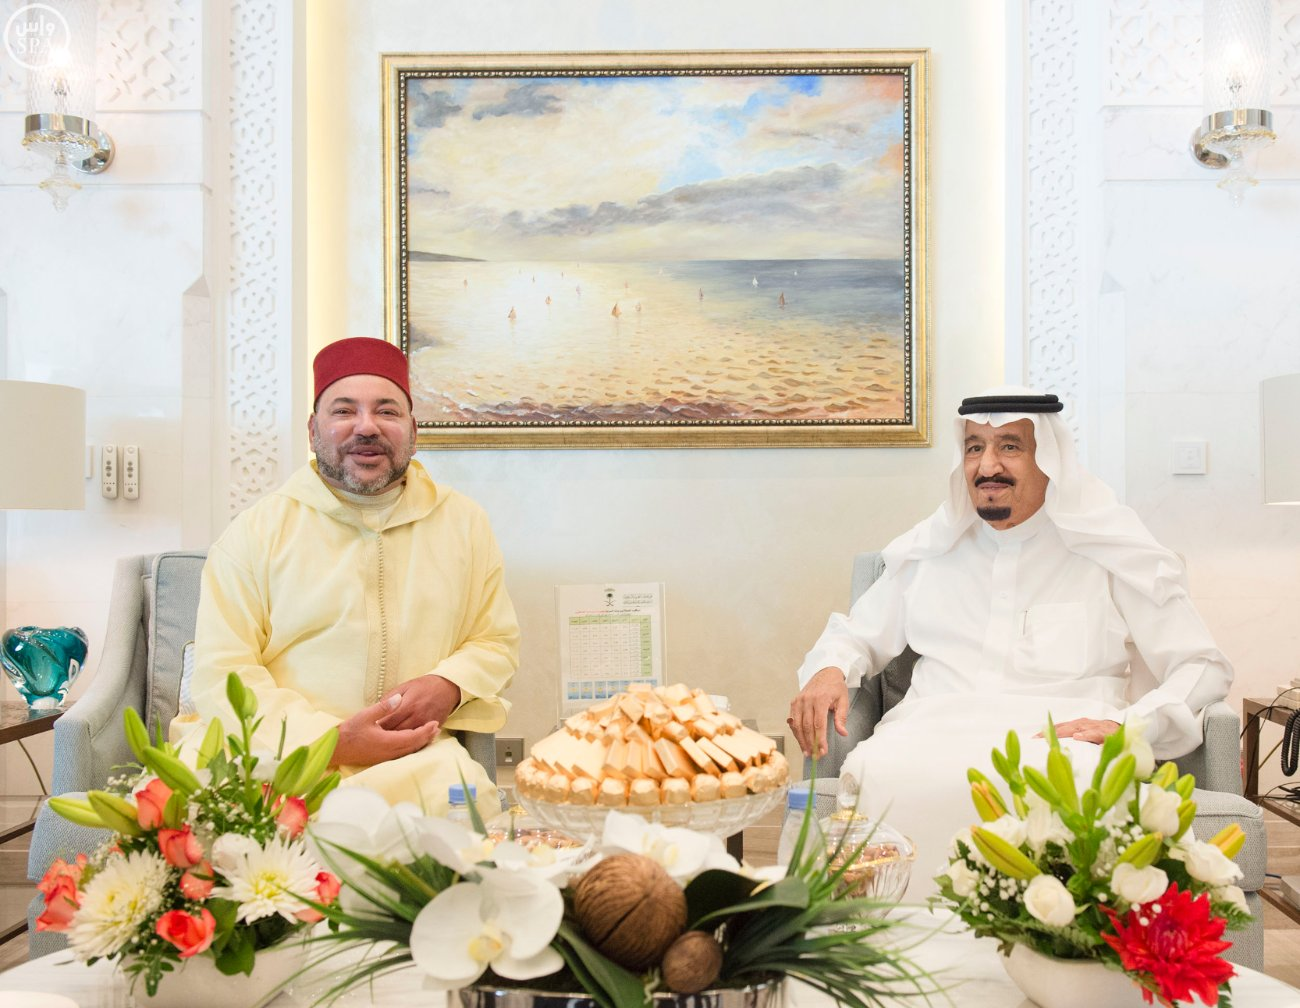 طنجة تستعد لأستقبال ضيف المغرب الكبير العاهل السعودي مرفوقاً لاول مرة بـ'مجلس العائلة السعودي'